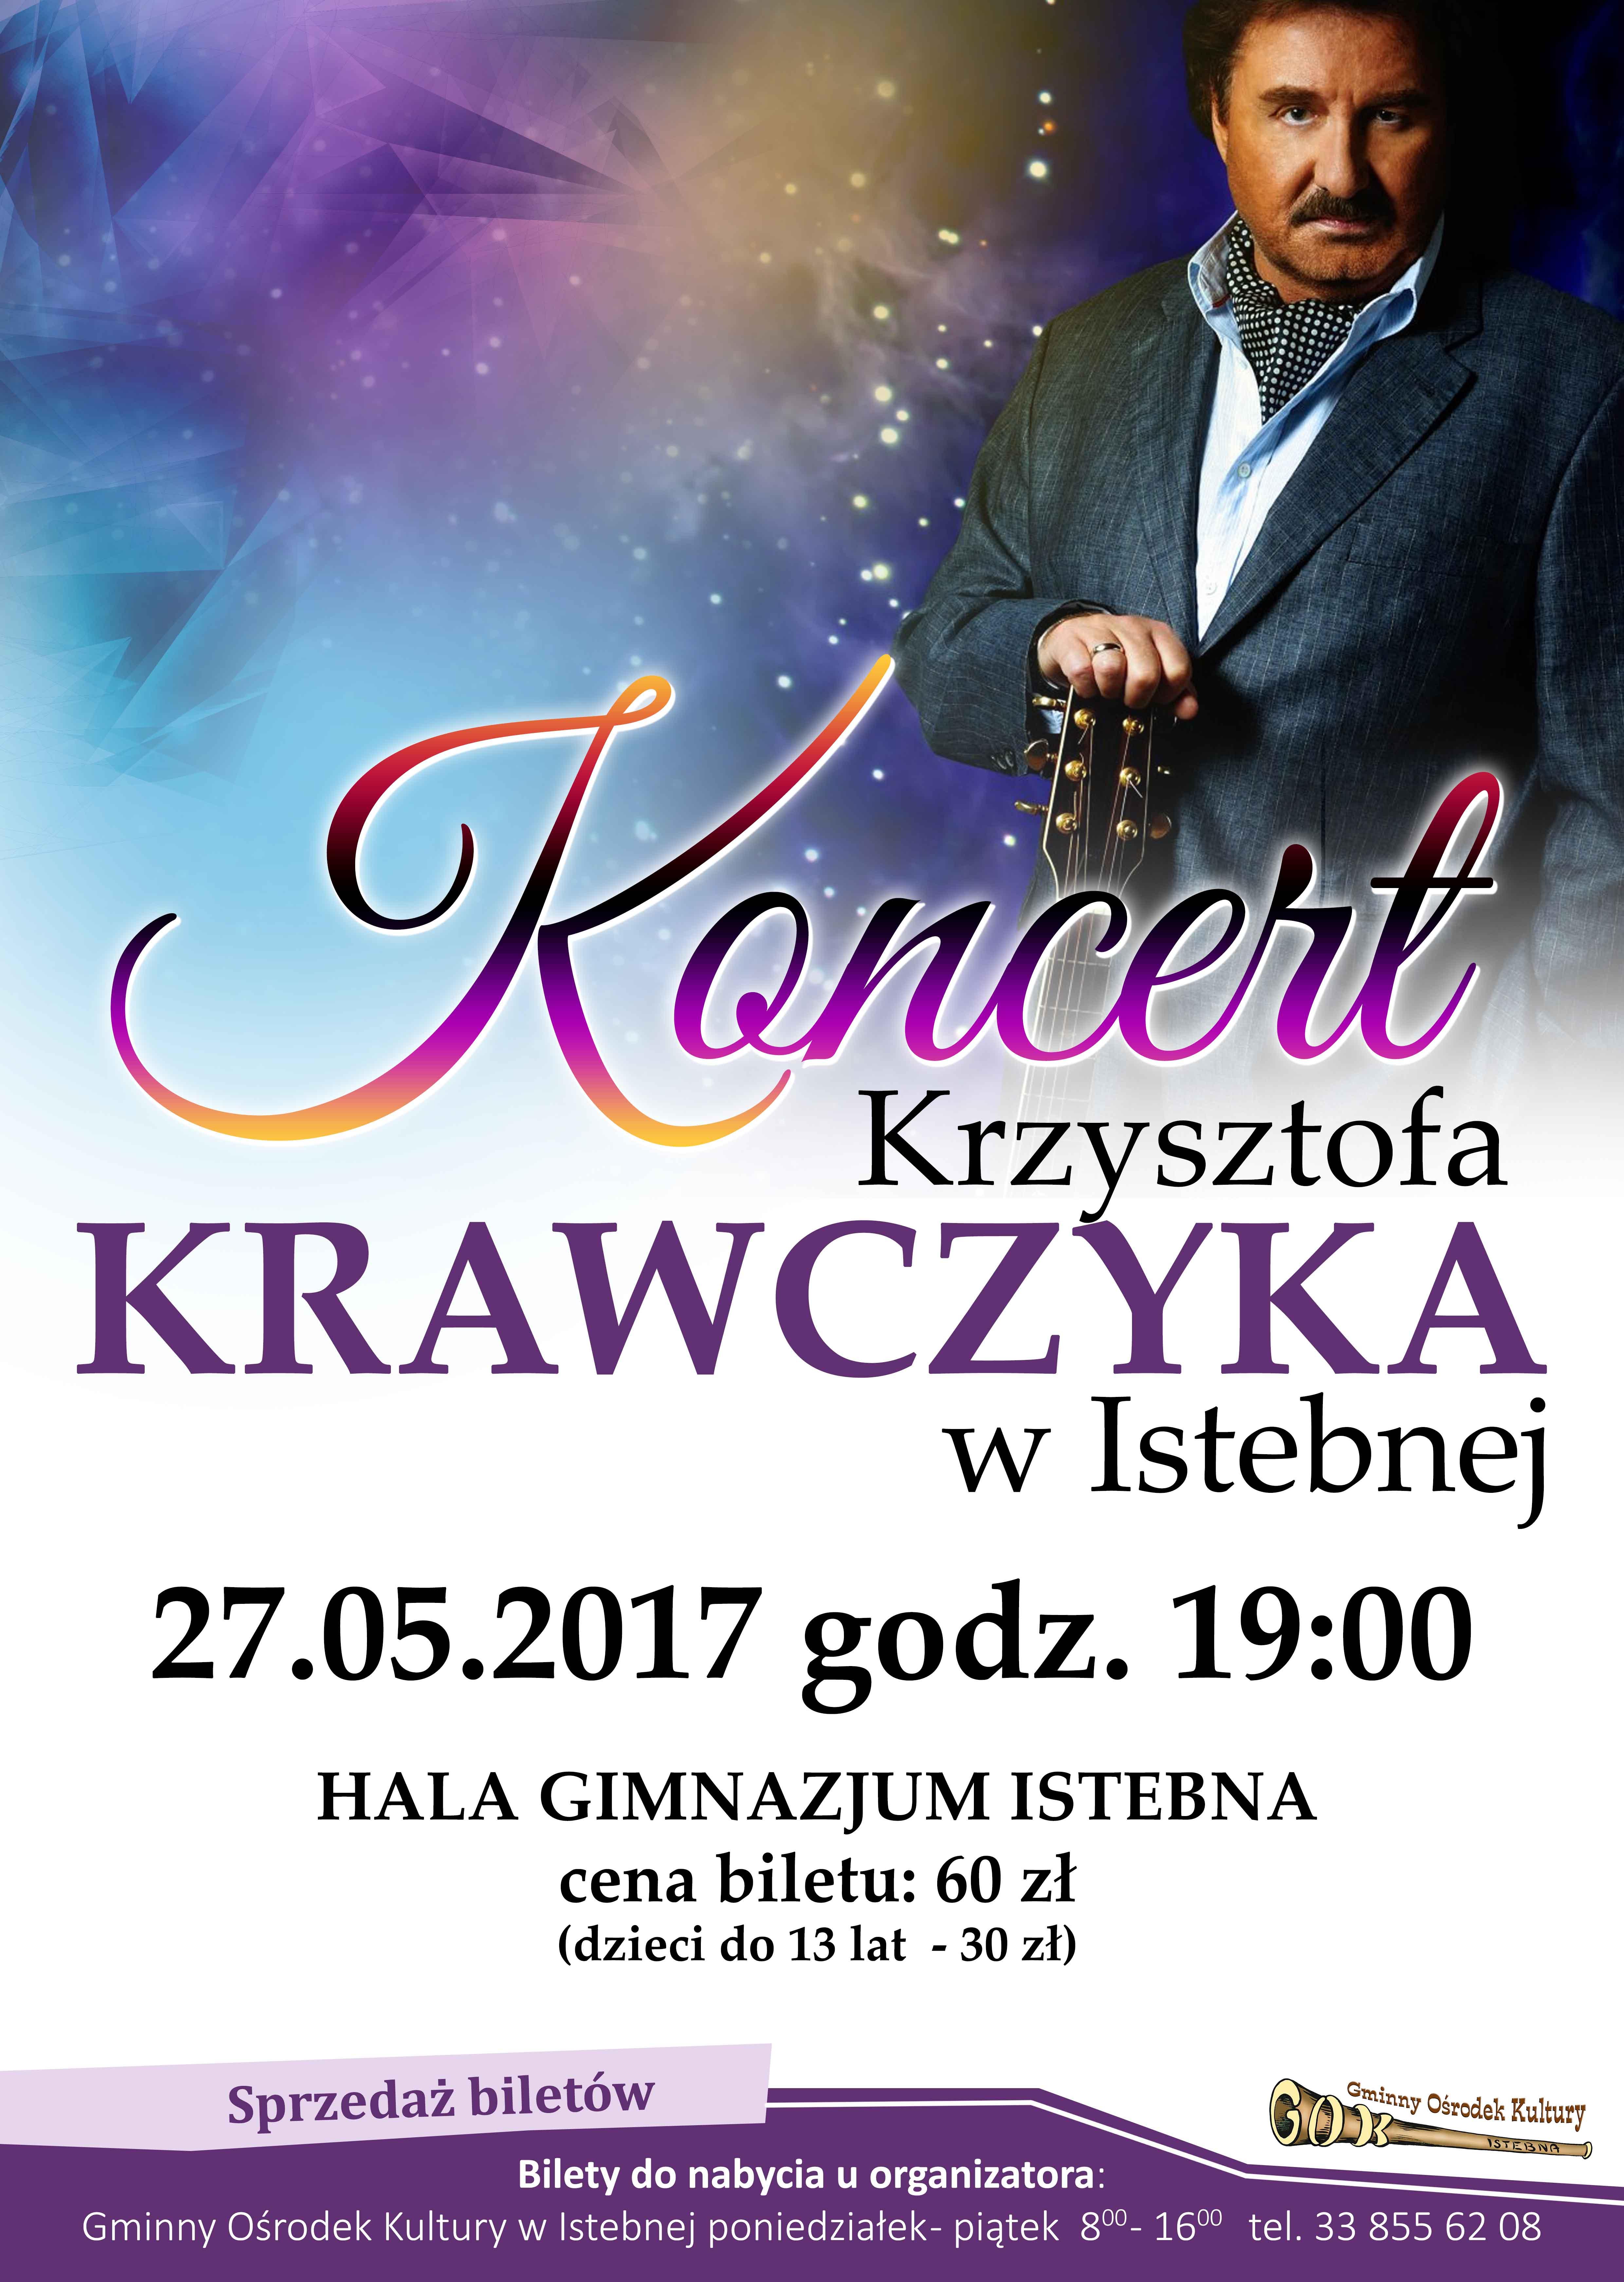 Krzysztof Krawczyk koncertuje w Beskidach